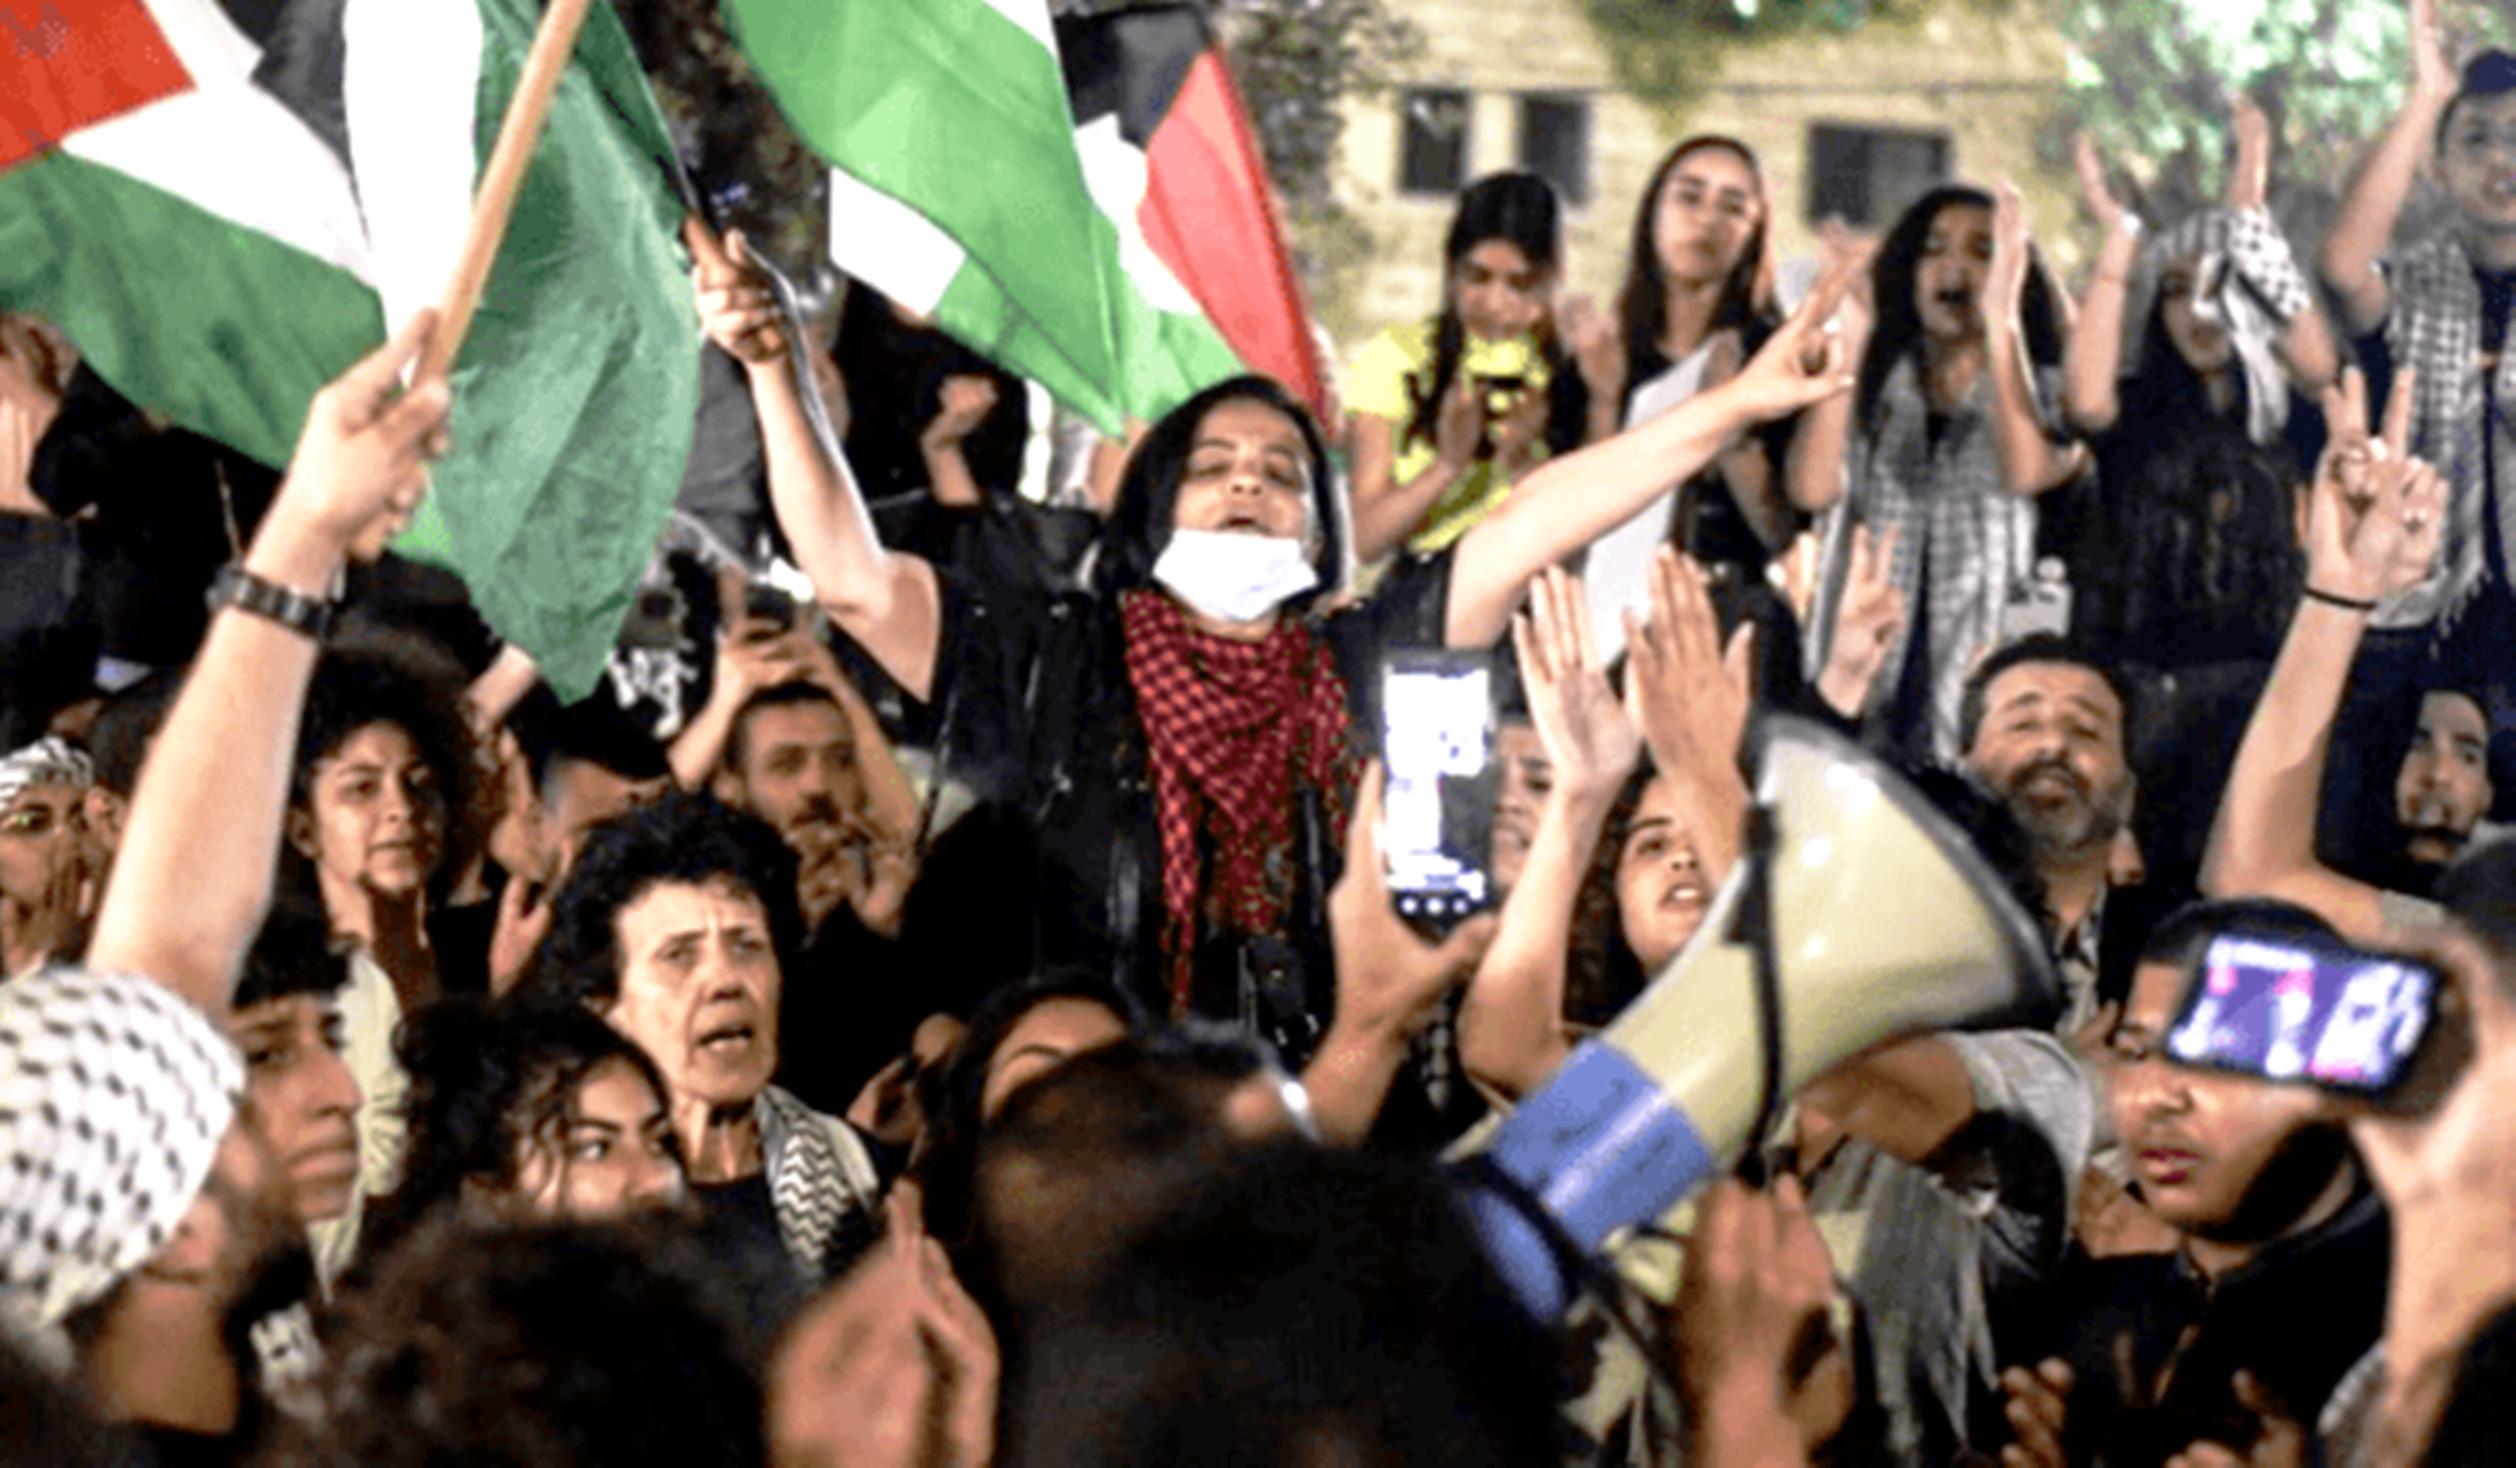 Σε Ιερουσαλήμ και Γάζα κρίνεται η τύχη του Μπάιντεν και της παγκόσμιας ειρήνης